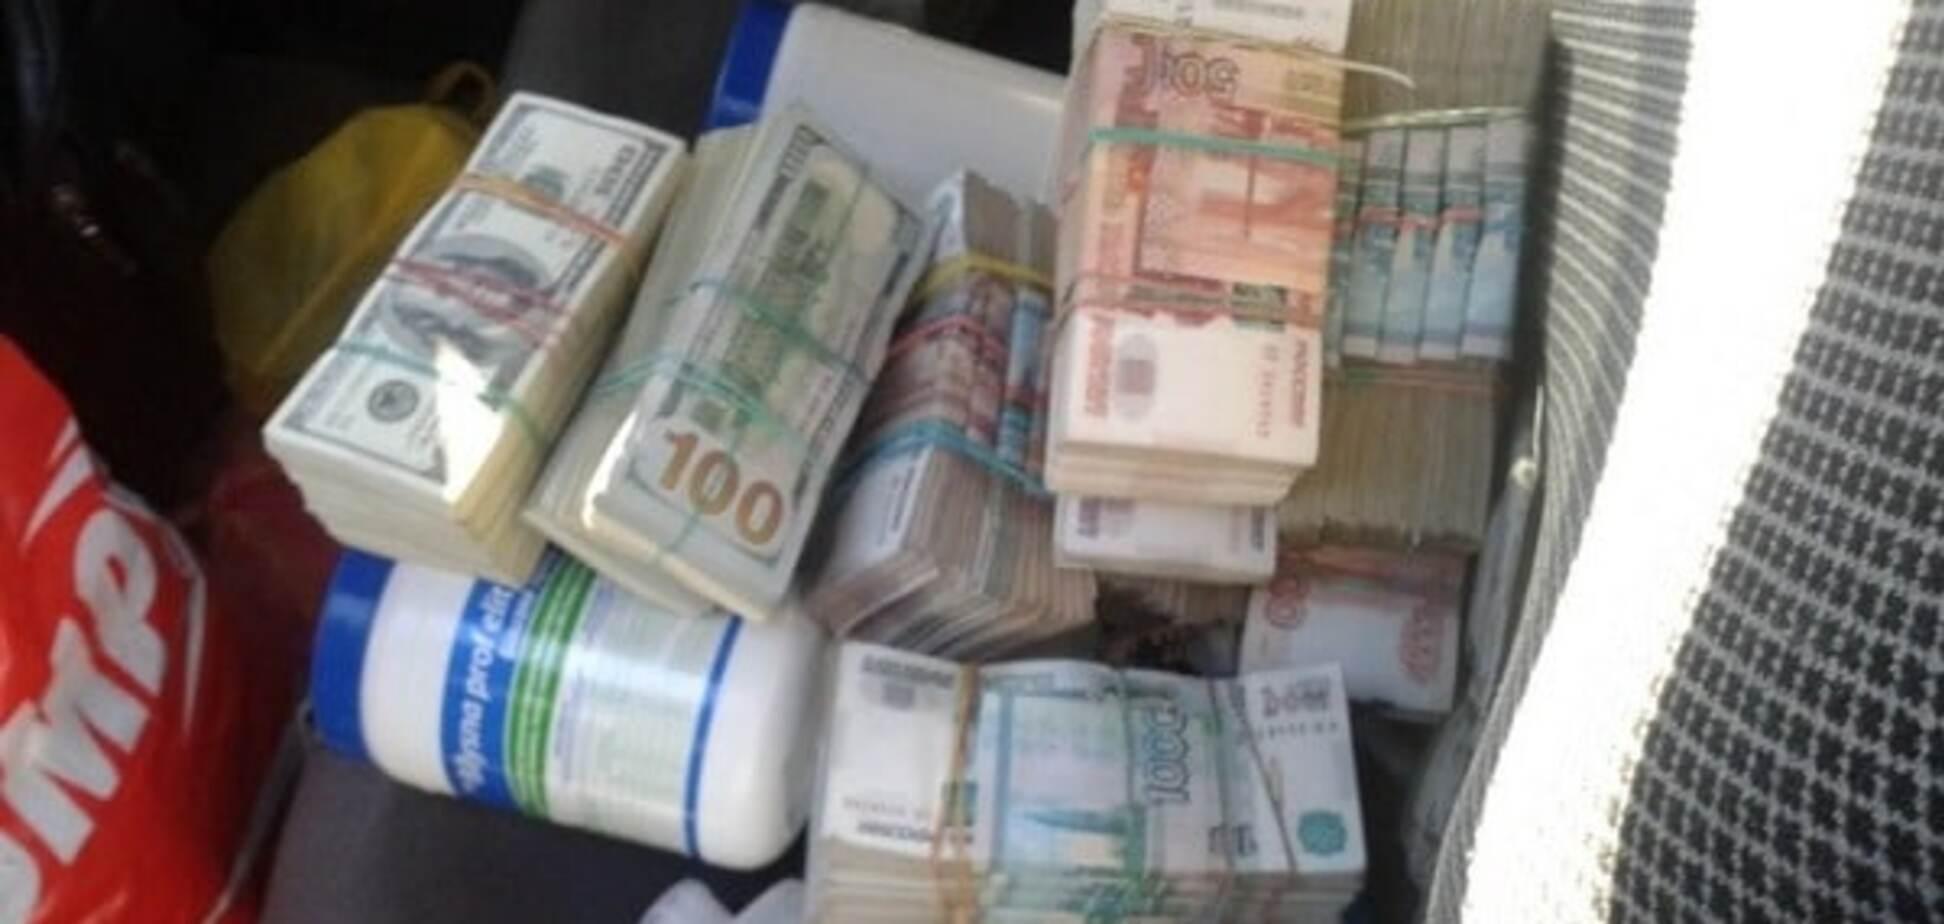 Вилучили 7 млн грн: СБУ перекрила канал фінансування тероризму в зоні АТО